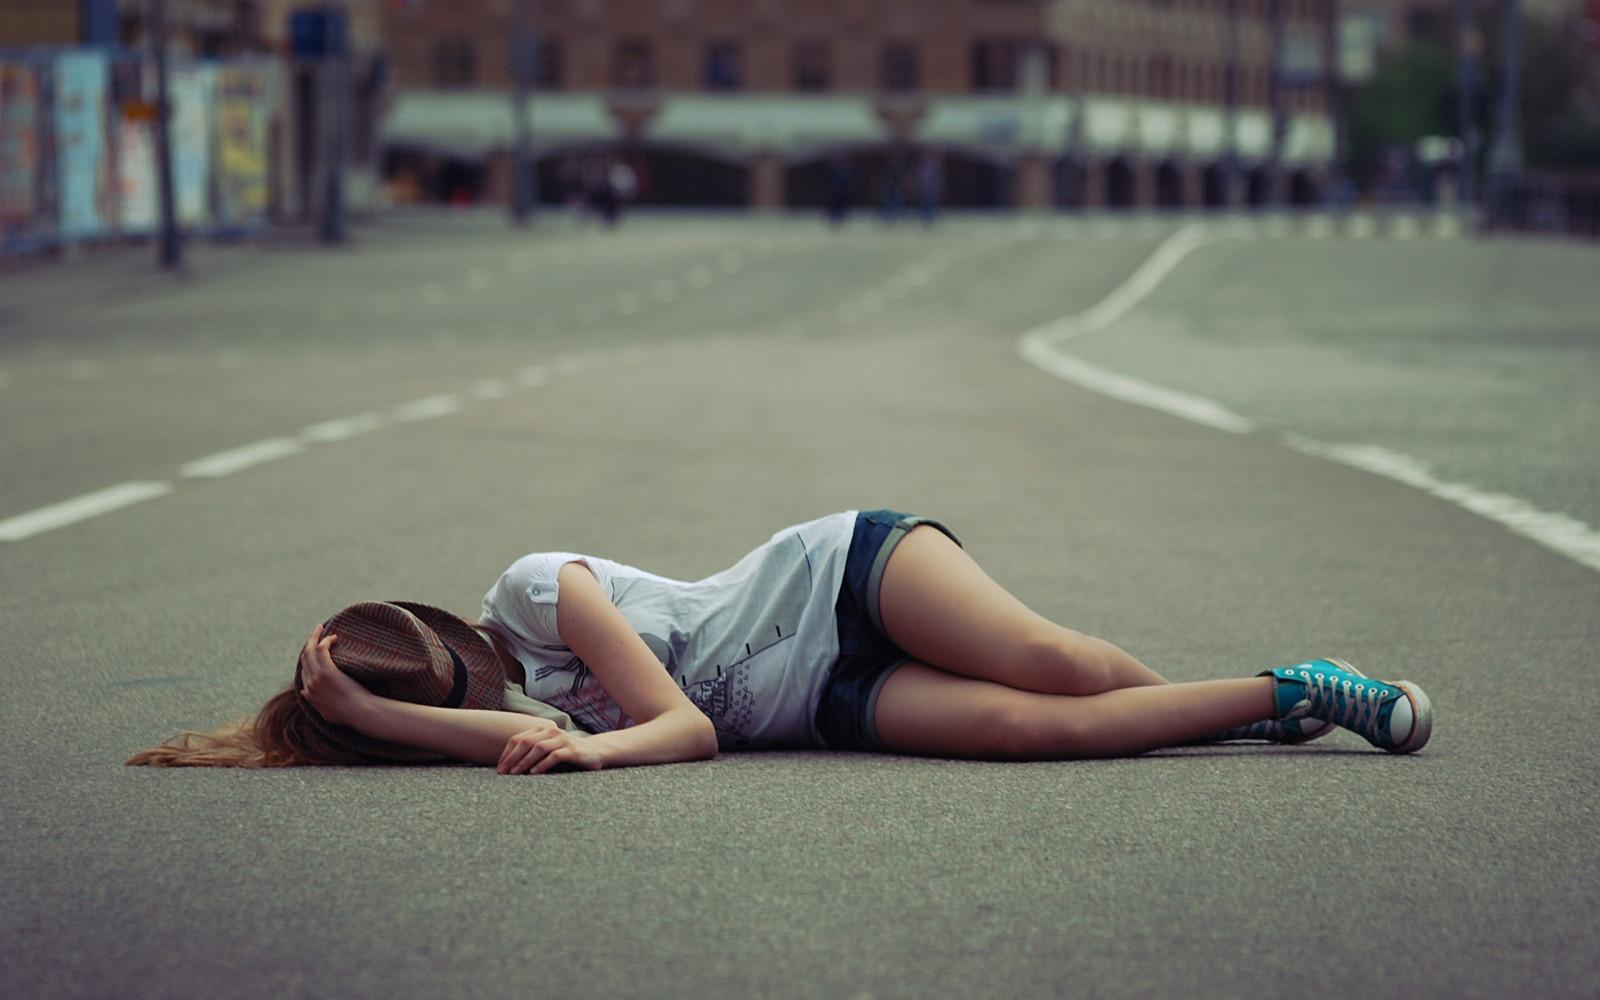 Опасна мода: Деца лягат през нощта на пътя заради онлайн предизвикателство